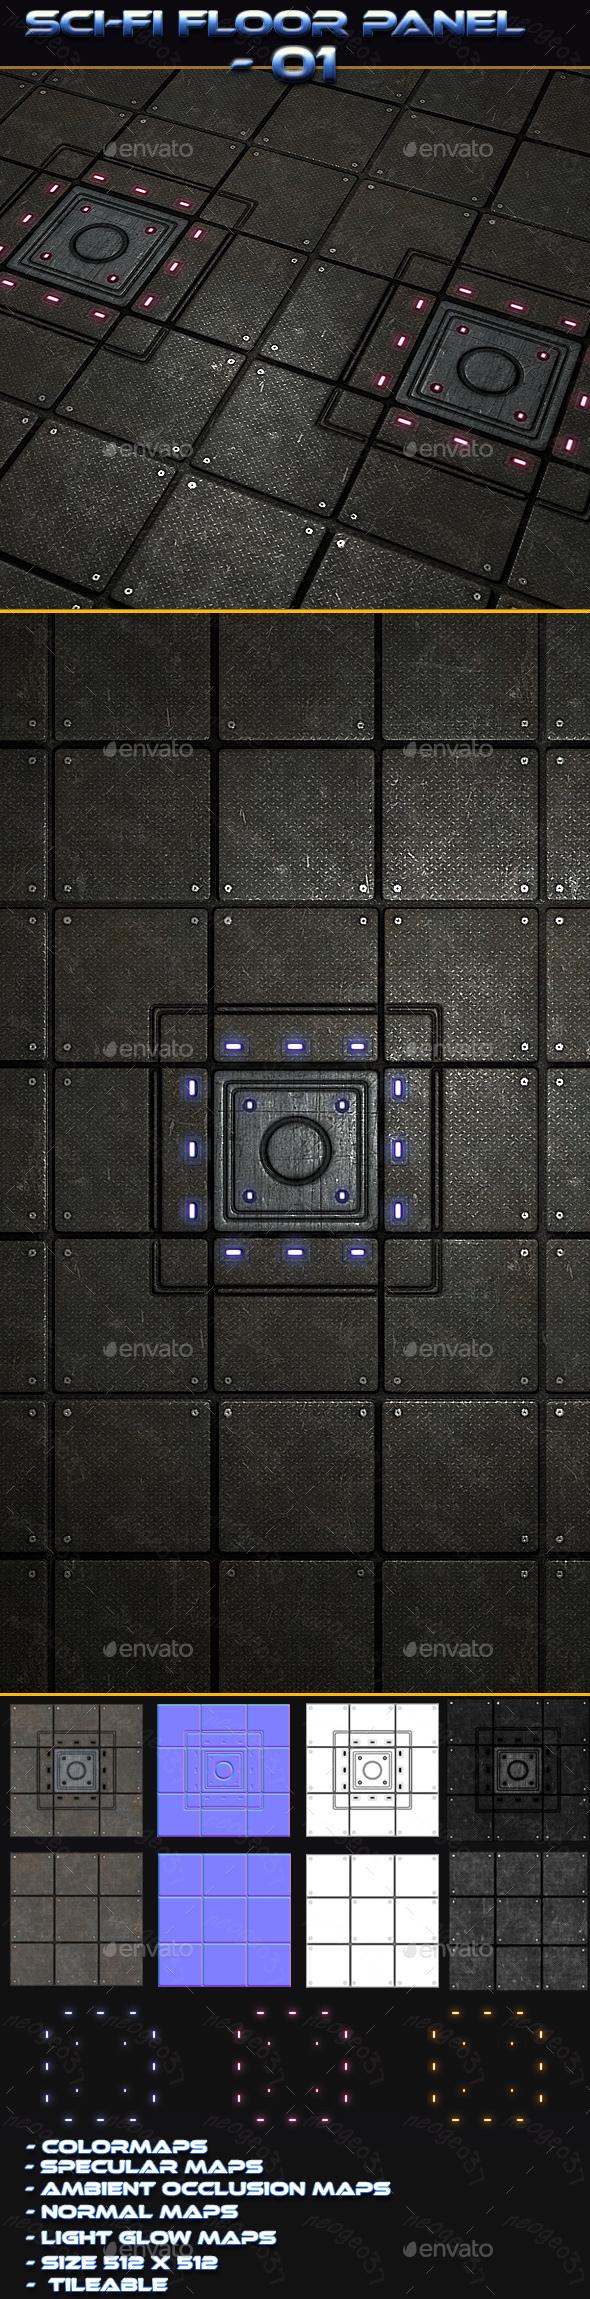 3DOcean Sci-fi Floor Panel 01 21161423